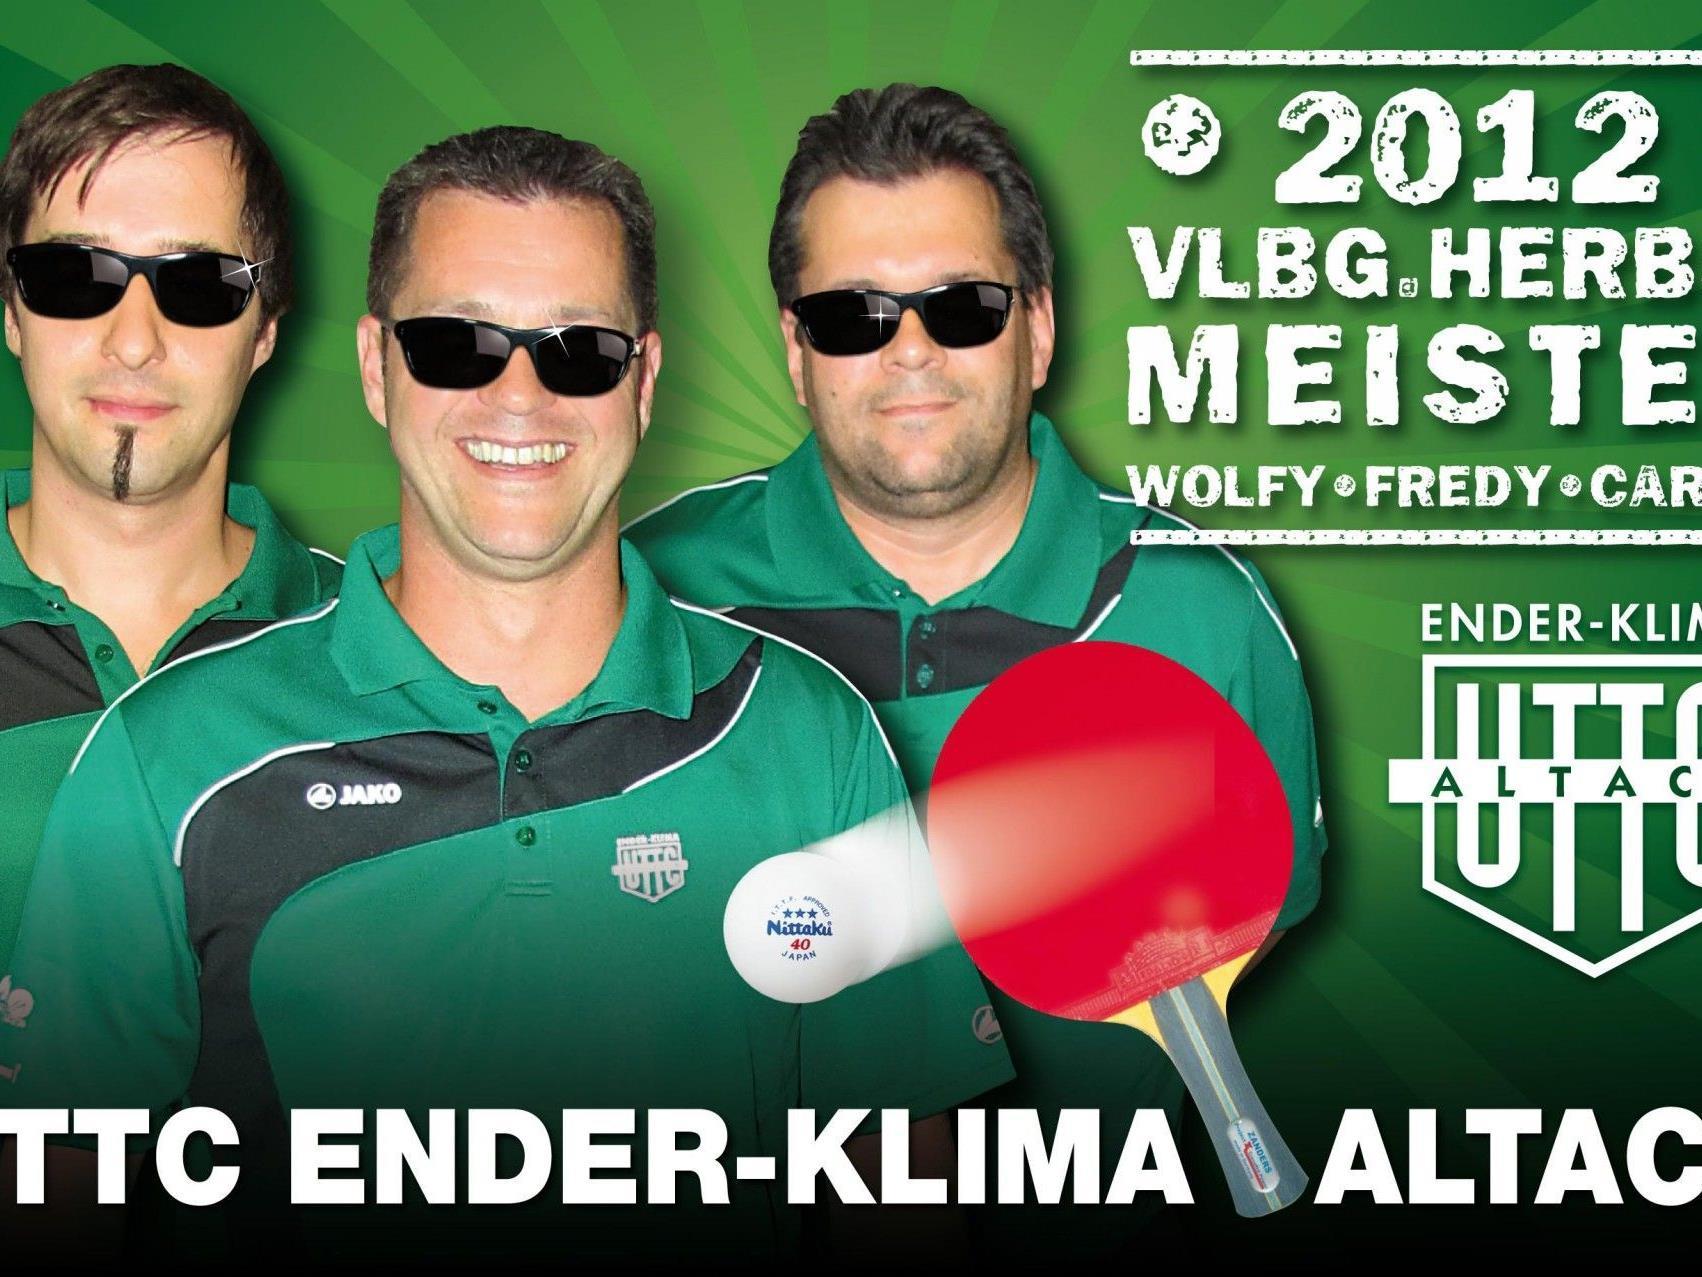 Altach die NUMMER 1 mit Wolfgang Mayer, Fredy Welte und Carlos da Cunha Marques